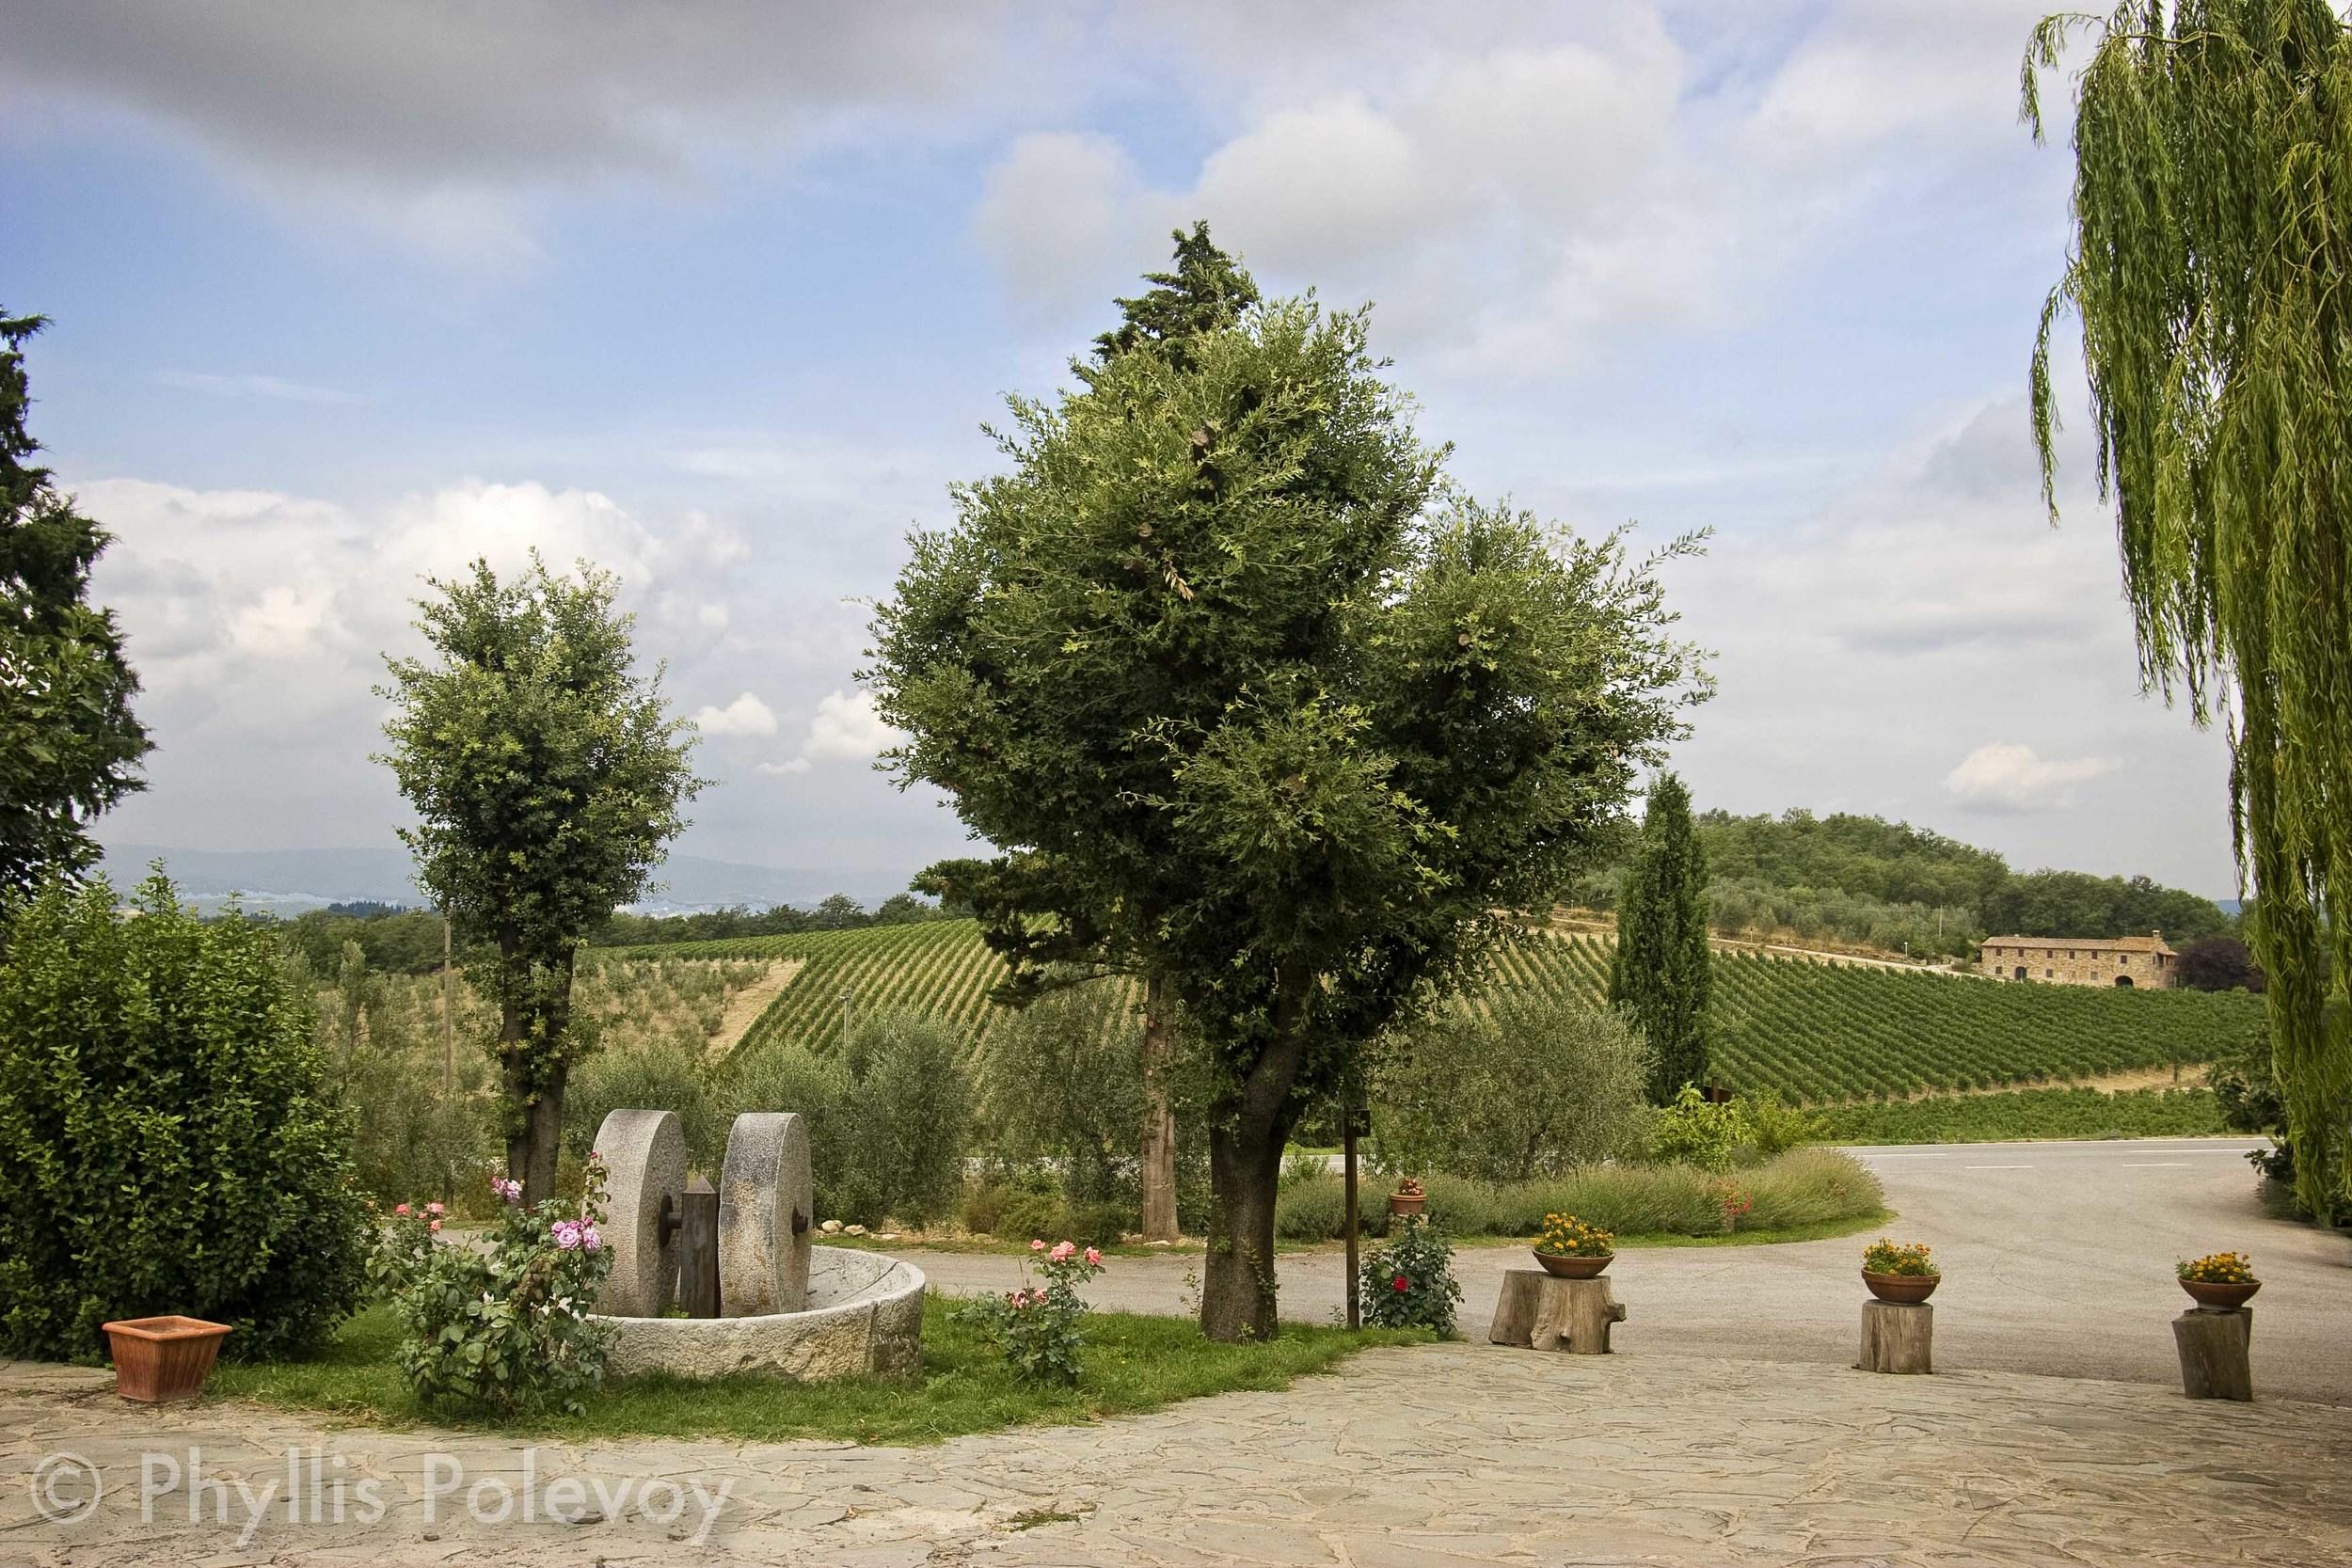 La Bella Toscana, #013